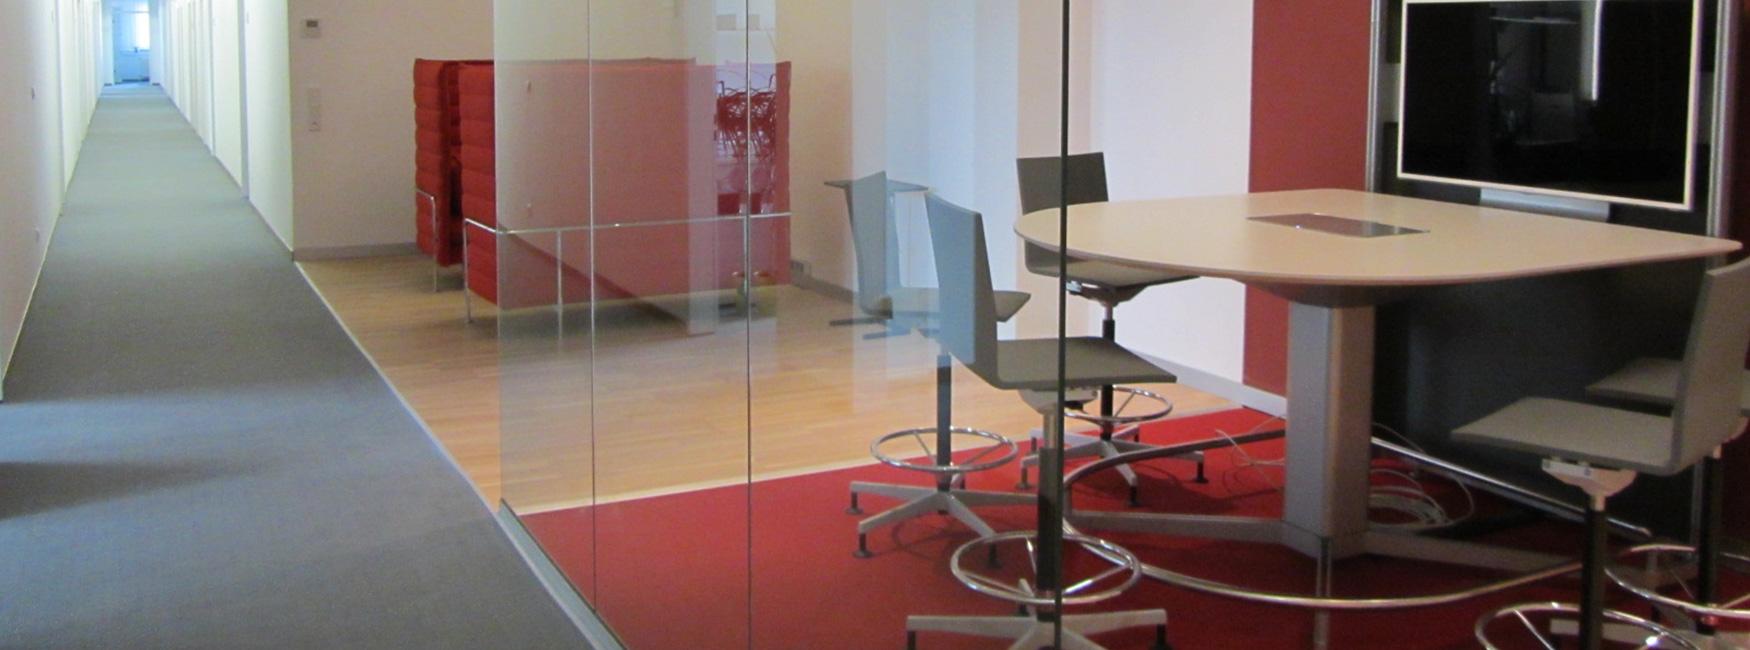 Gute Mitarbeiter brauchen gute Räume